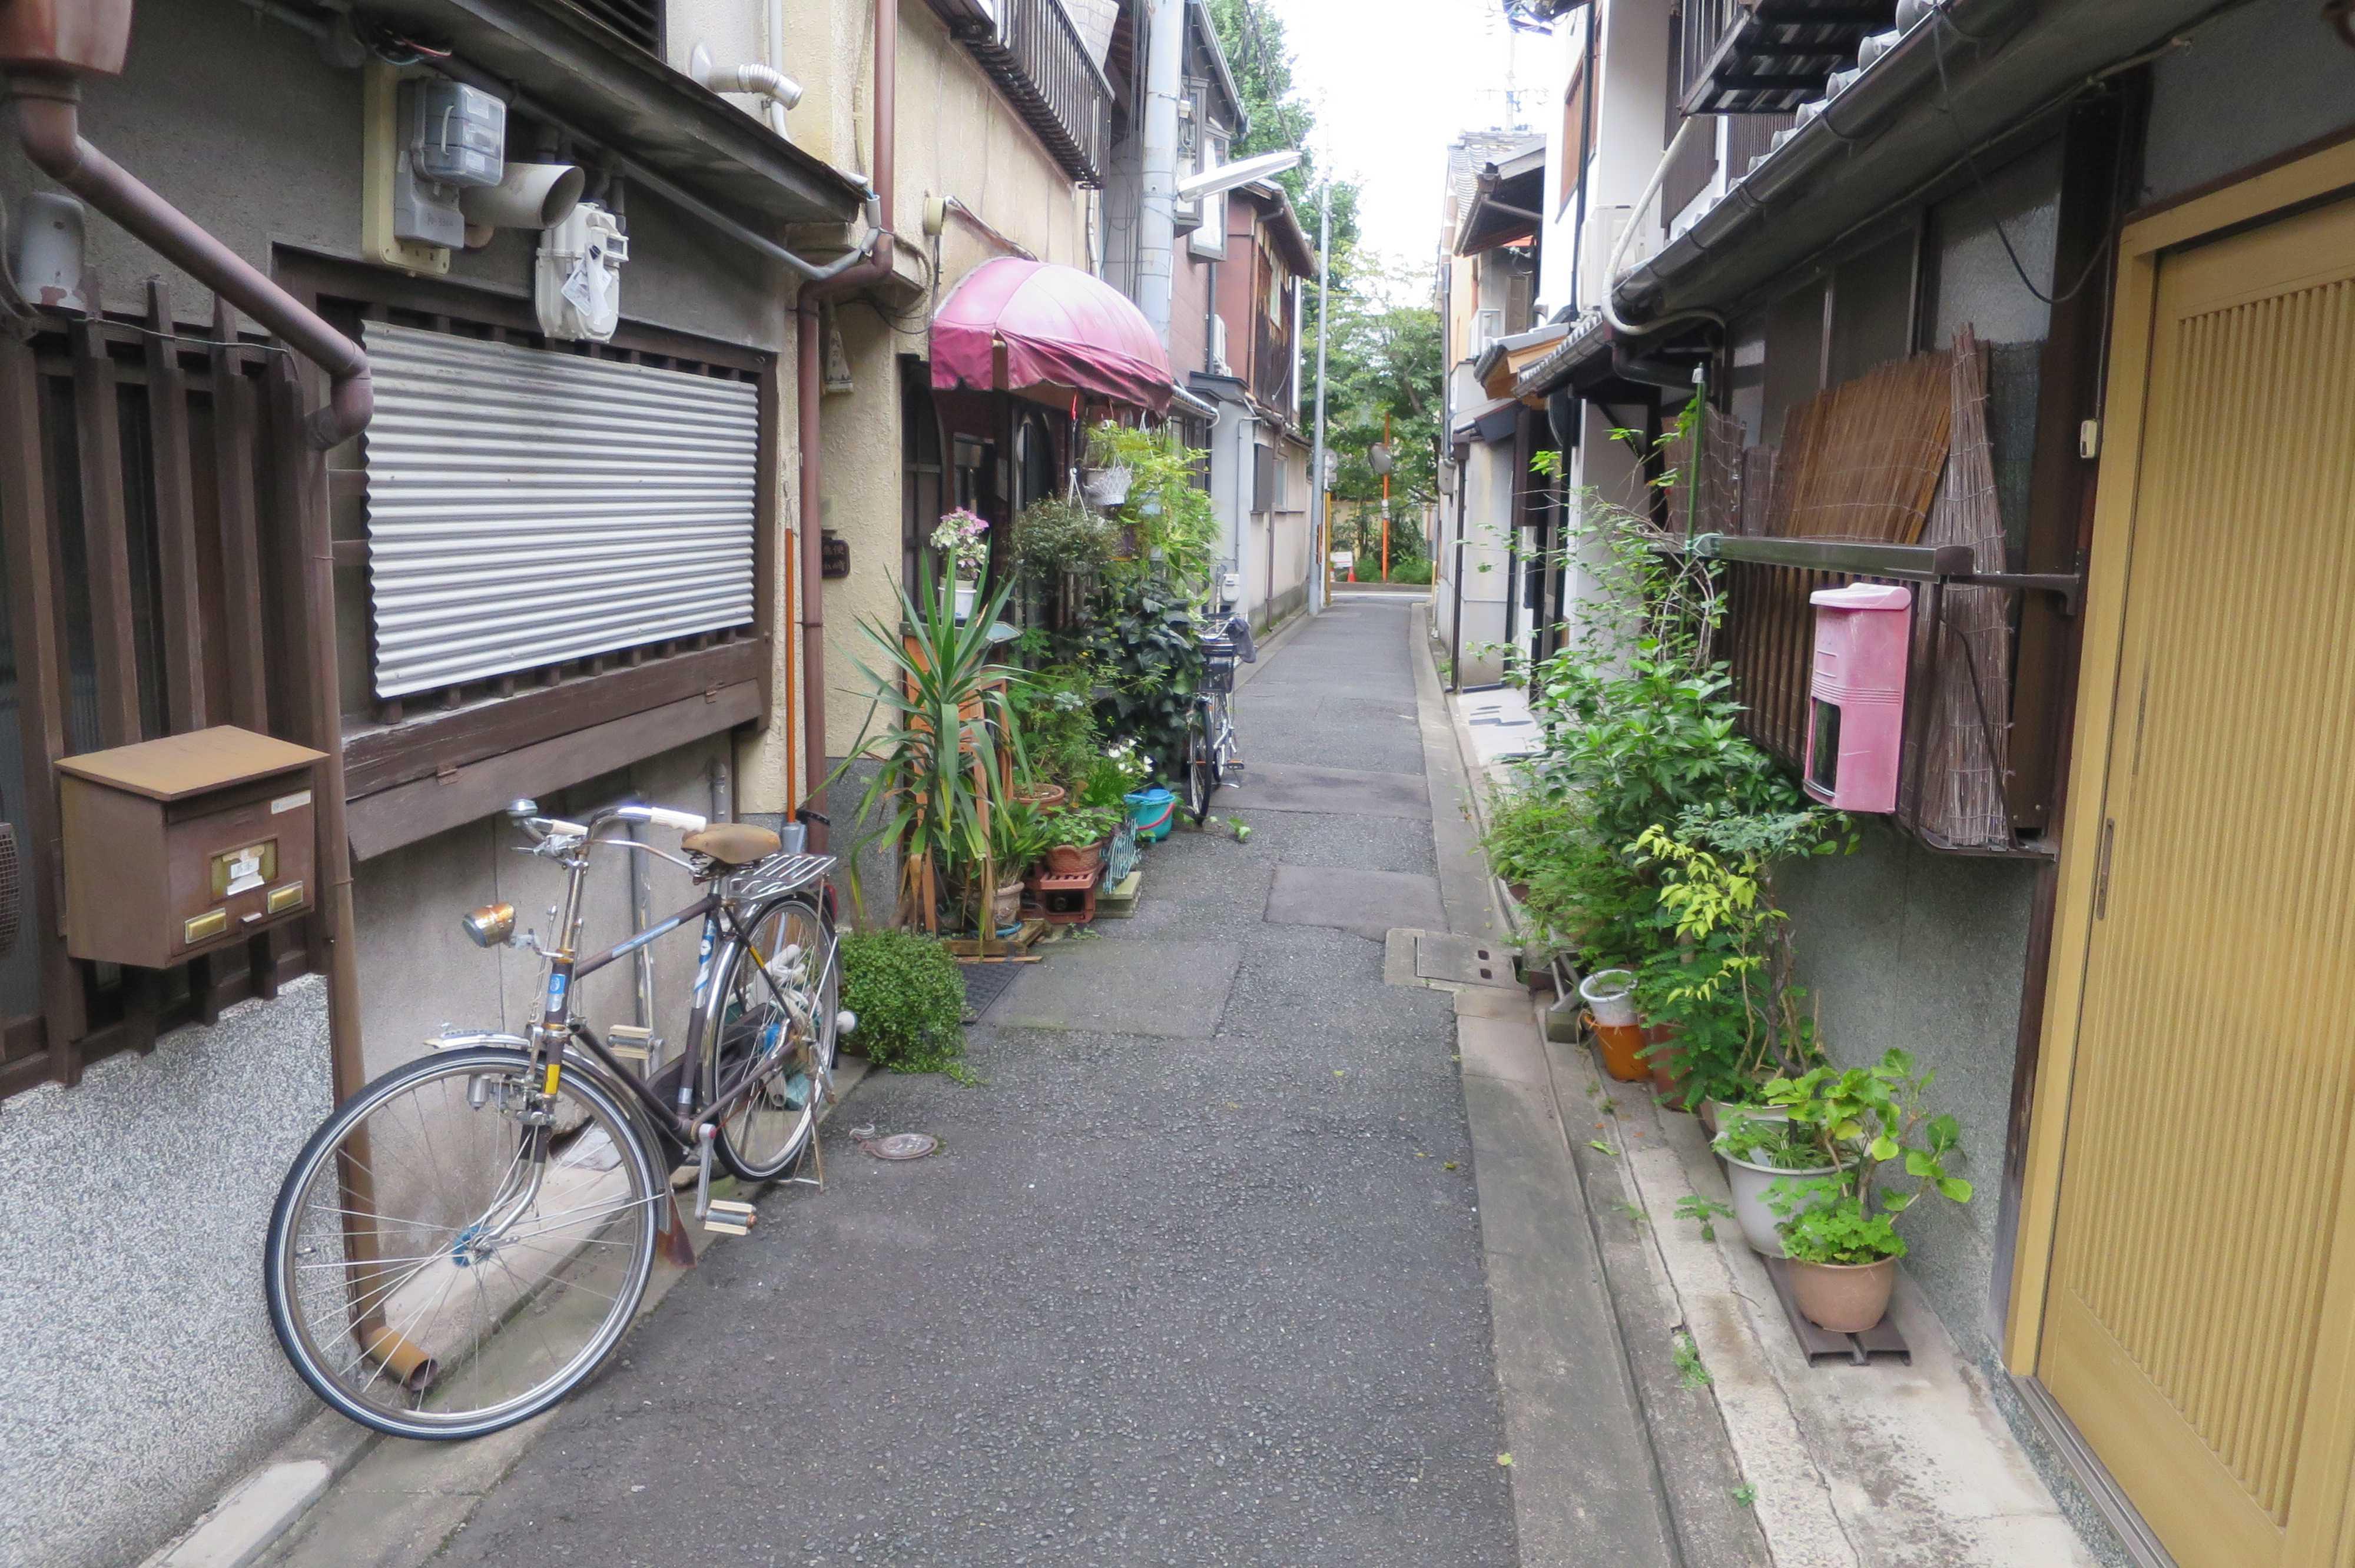 京都・五条 - 壊れかけ色褪せたテントの家